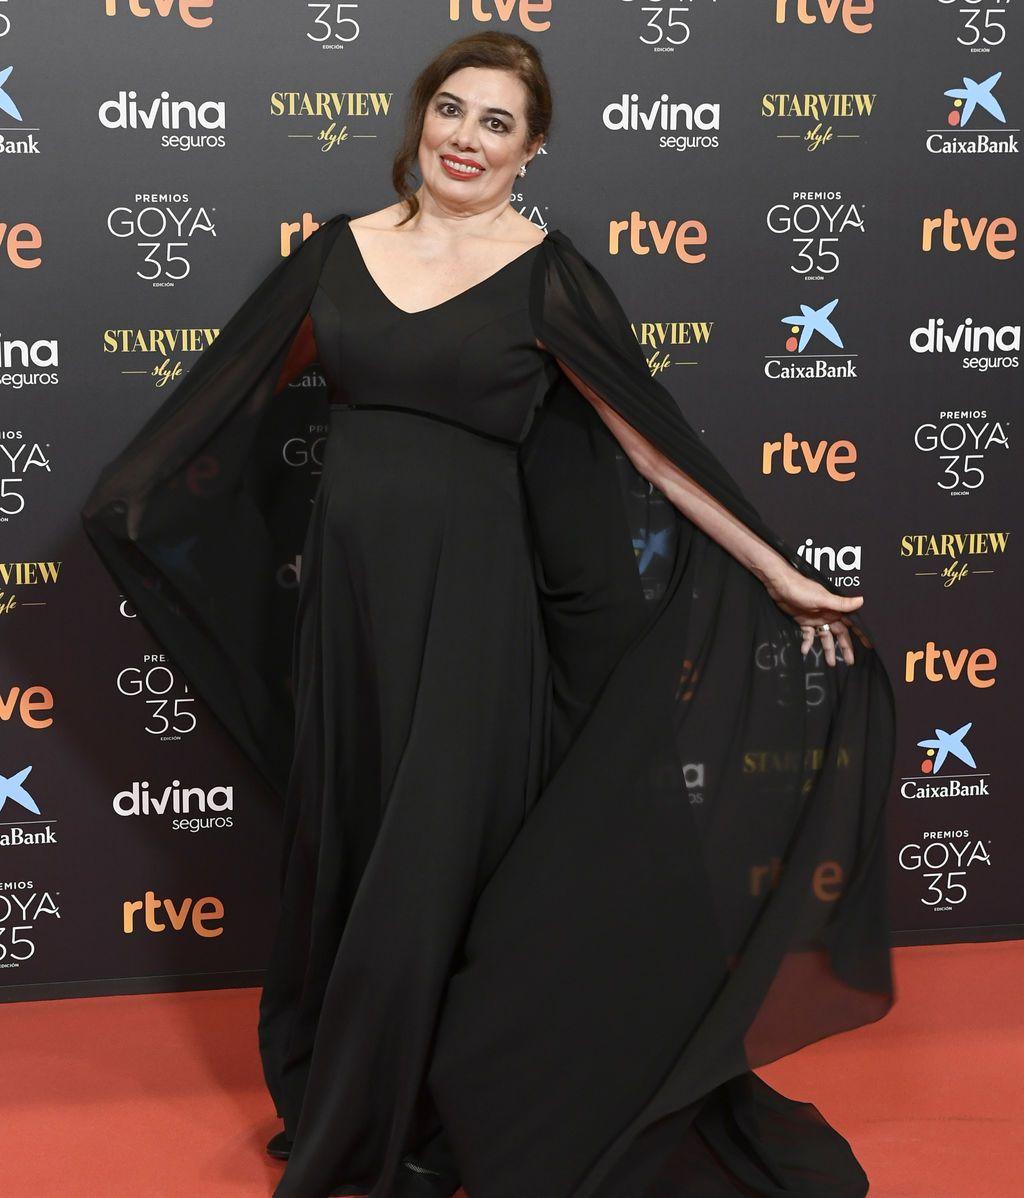 Chus Gutierrez en la alfombra roja de los Premios Goya 2021